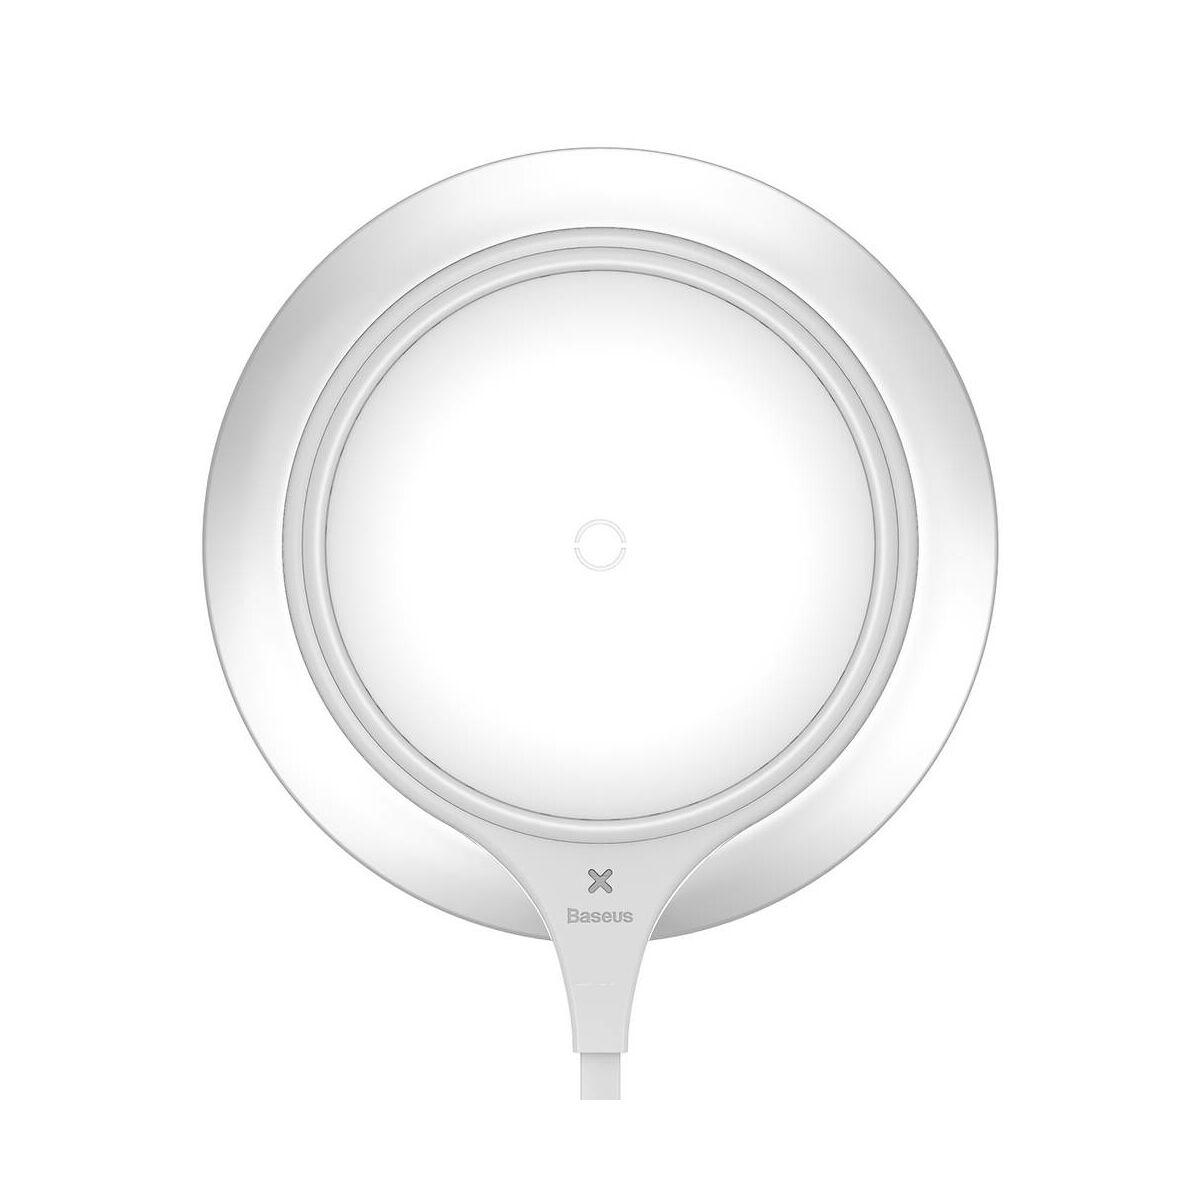 Baseus vezeték nélküli töltő, Metal 10W, ezüst/fehér (WXJS-S2)